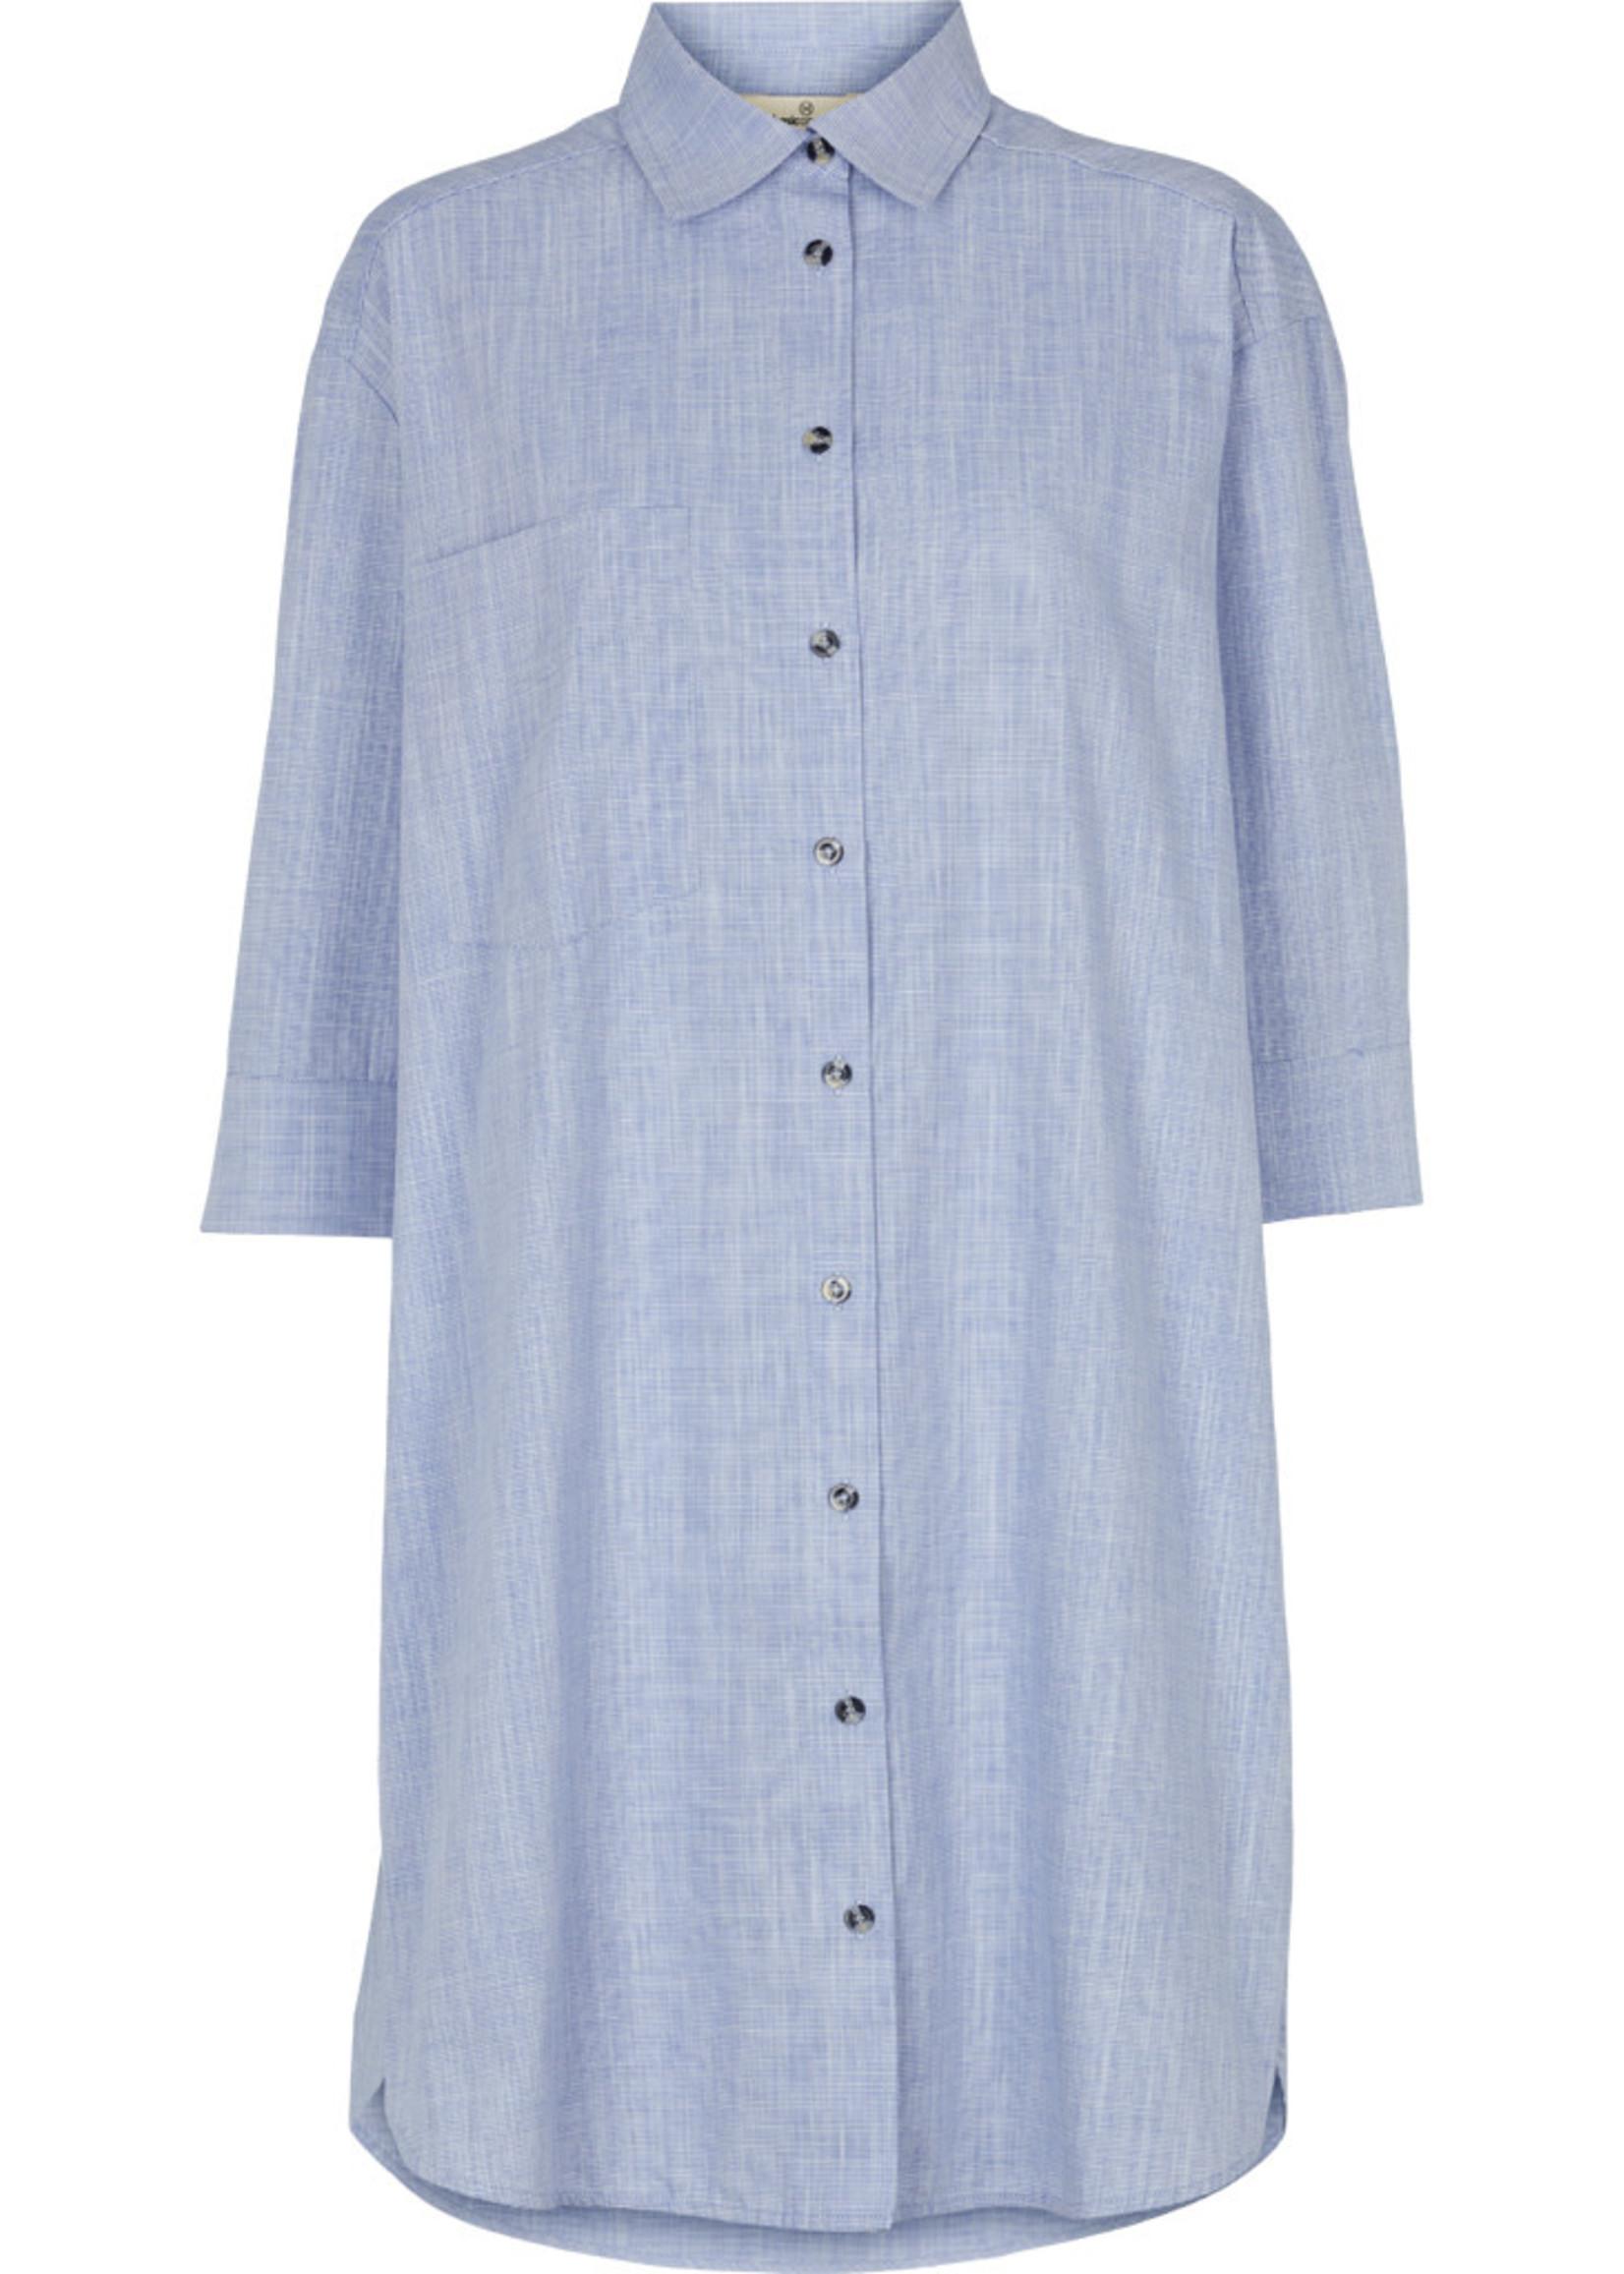 Basic Apparel Nora Shirt Harriet Dress